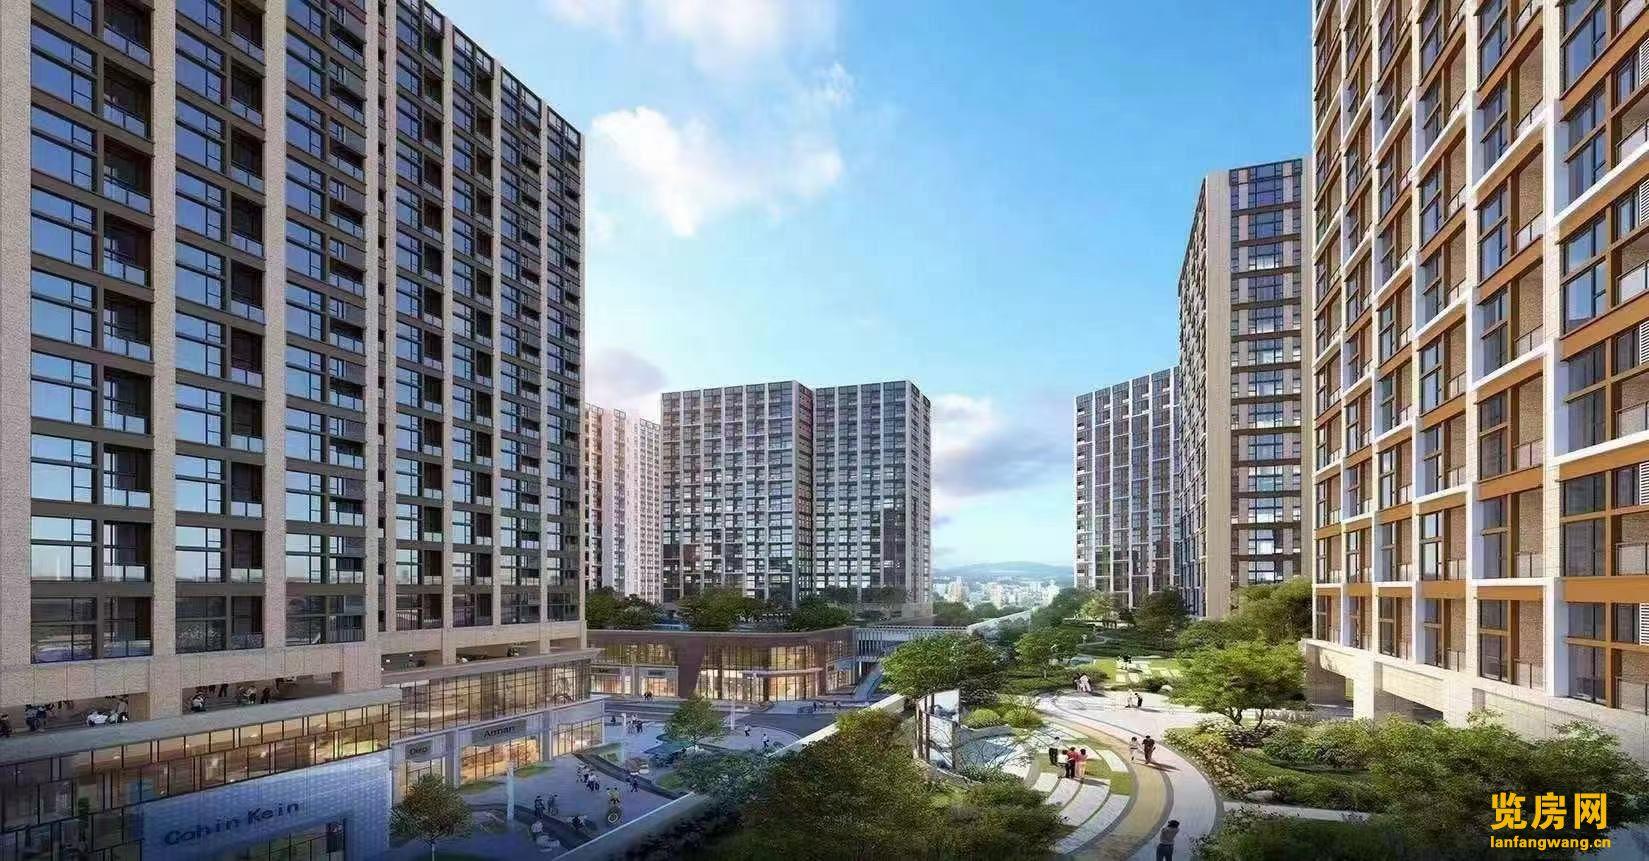 在东莞买房怎么样?有些什么推荐?